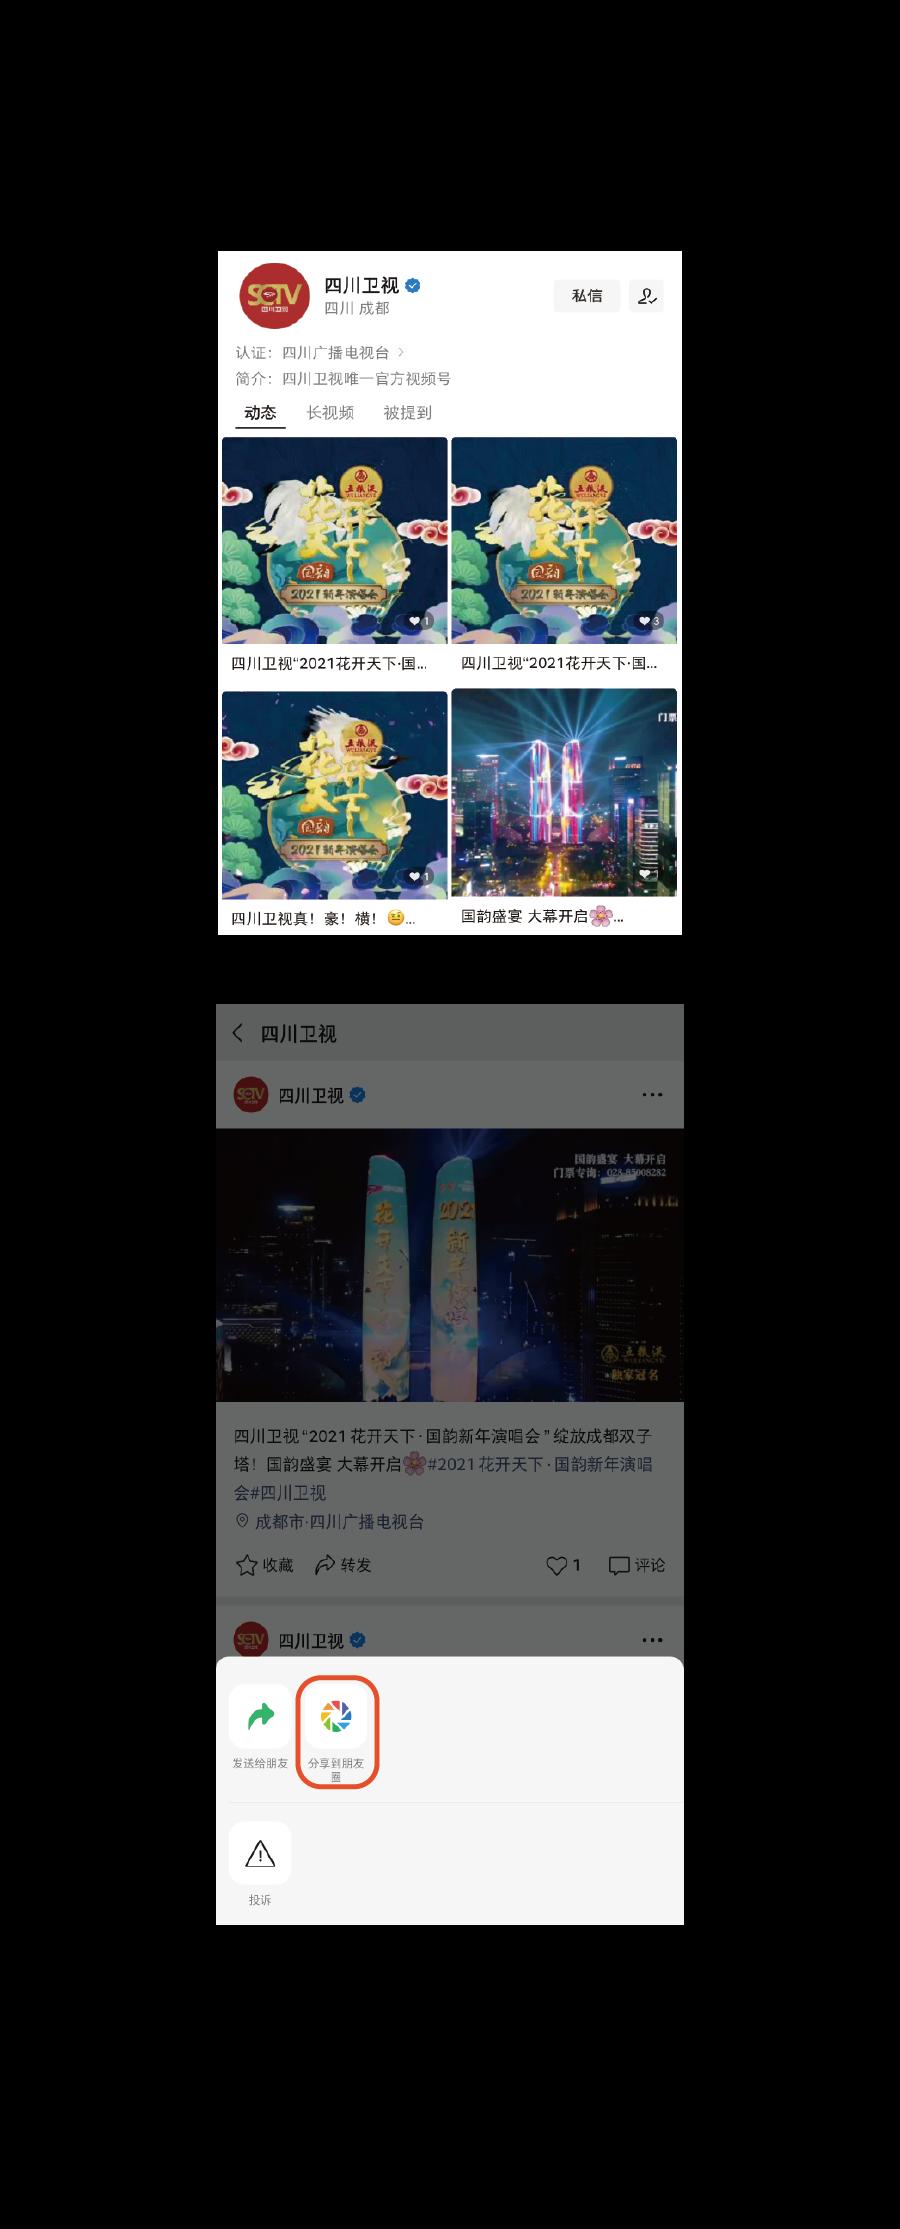 《2021花开天下·国韵新年演唱会》现场门票送!起!来